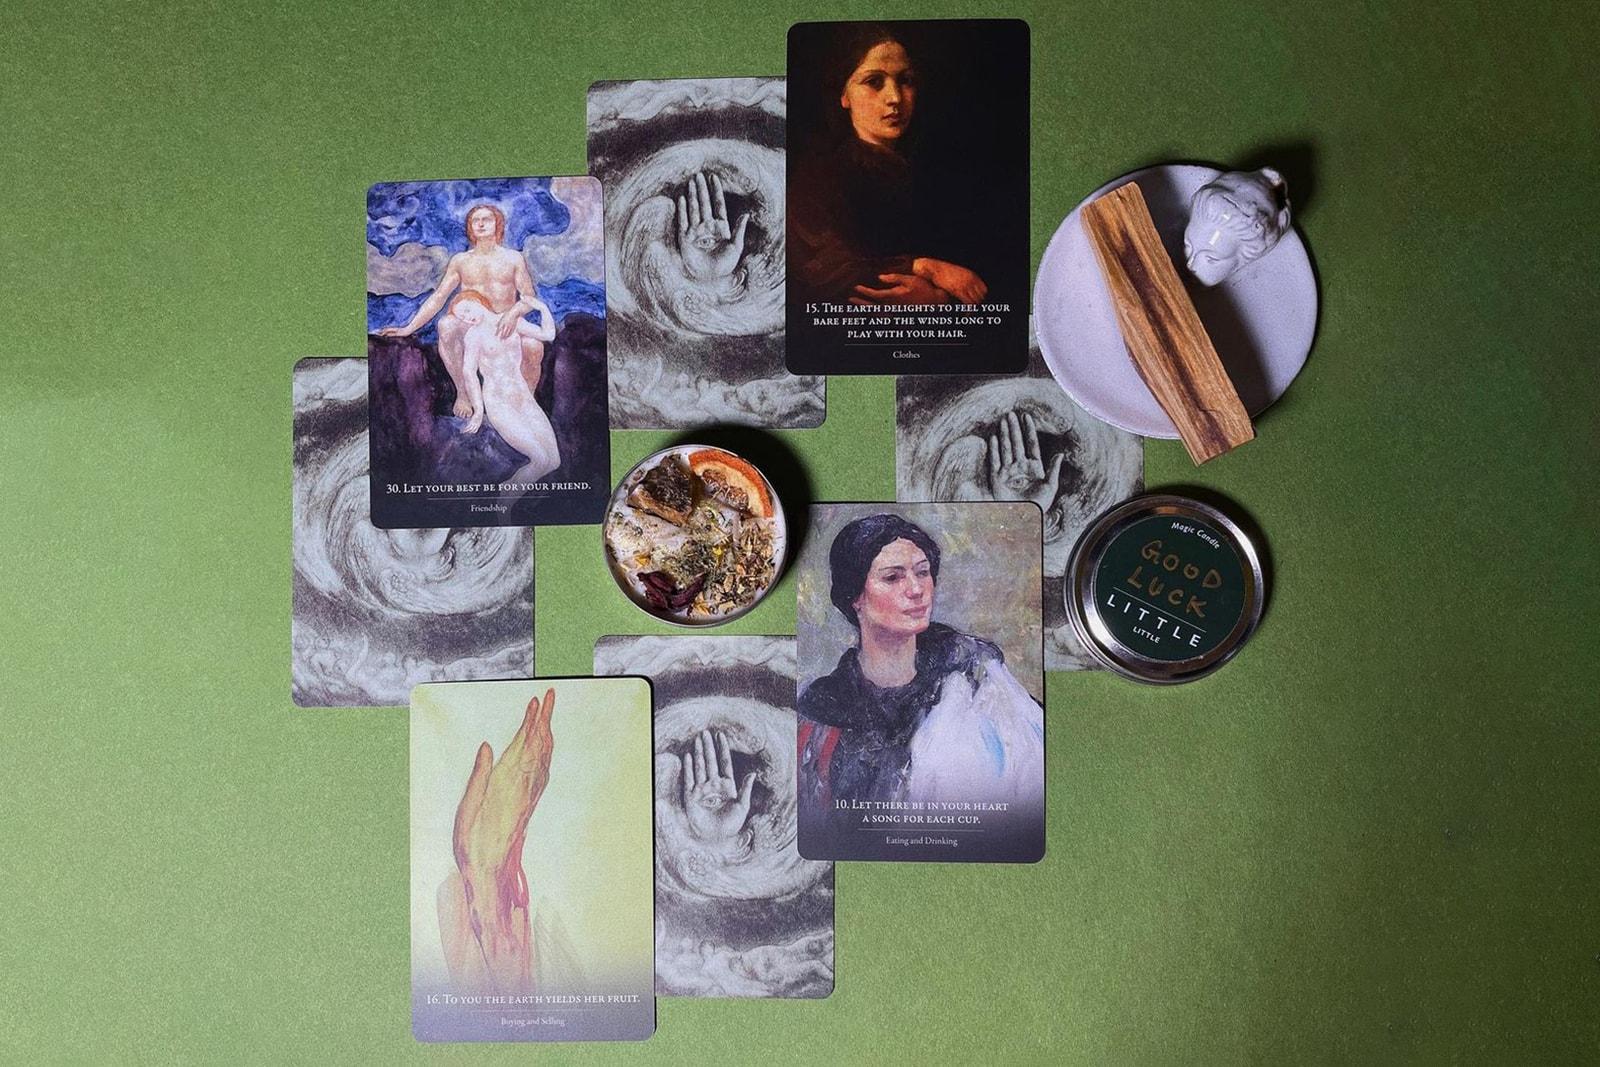 Tarot Cards Reading Healing Crystals Spirituality Numerology Reader Fortune Telling Little Little Hong Kong Audrey Tsang